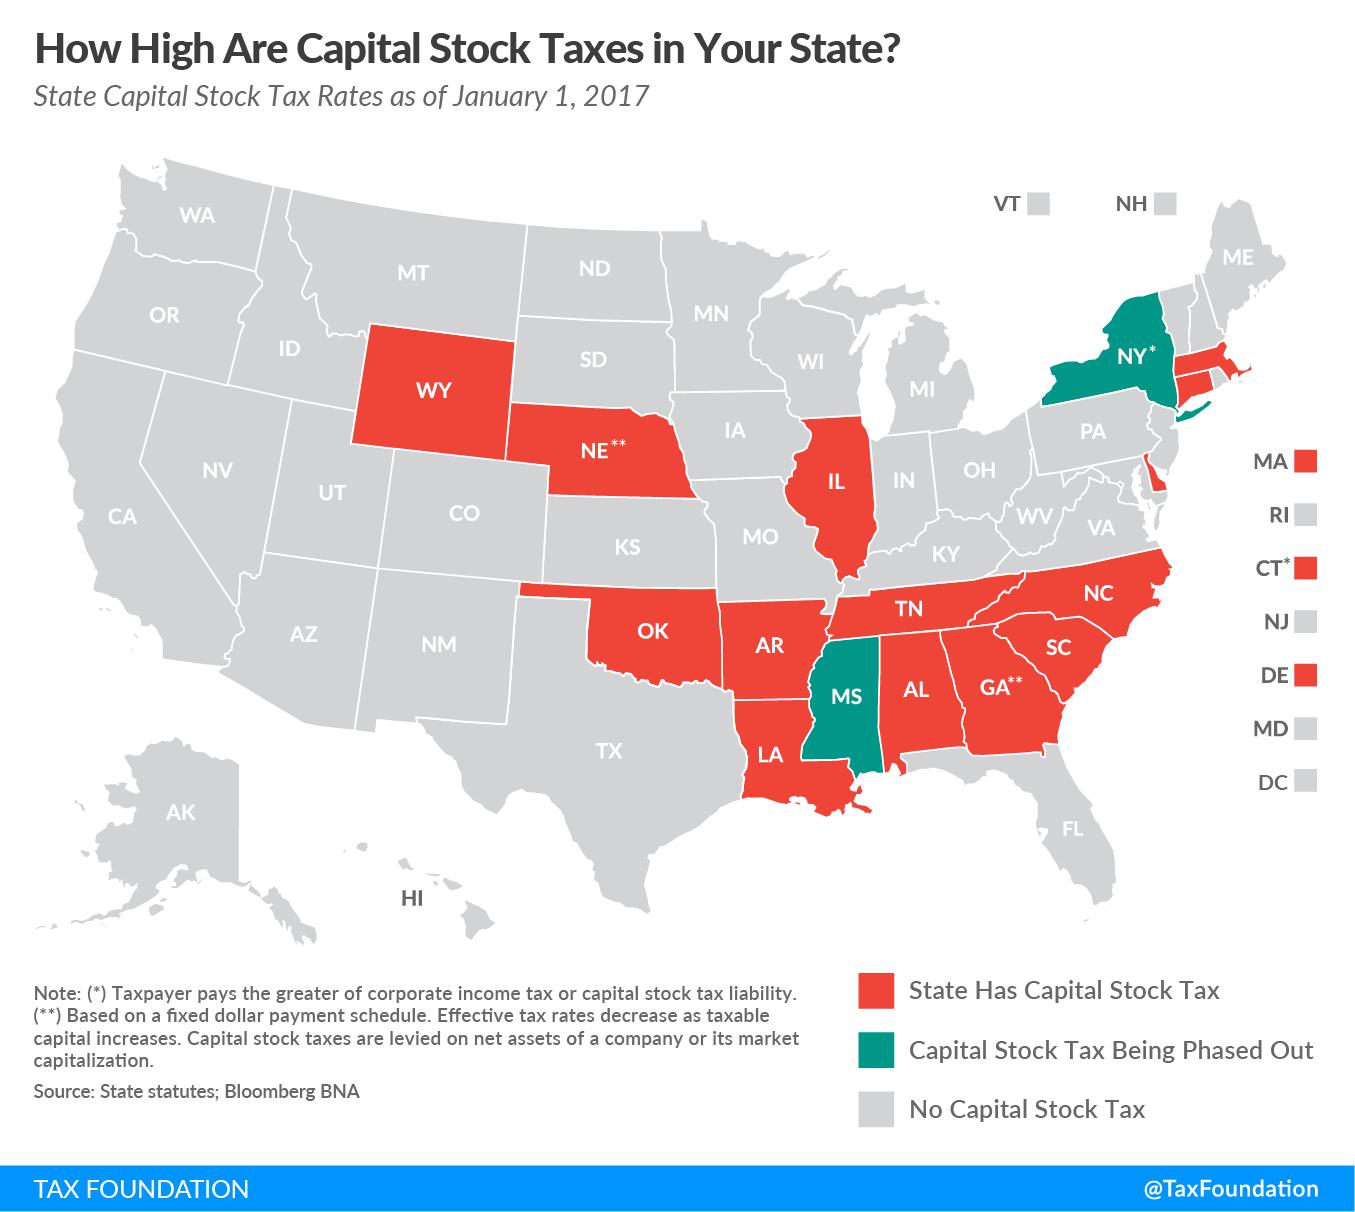 Capital Stock Taxes